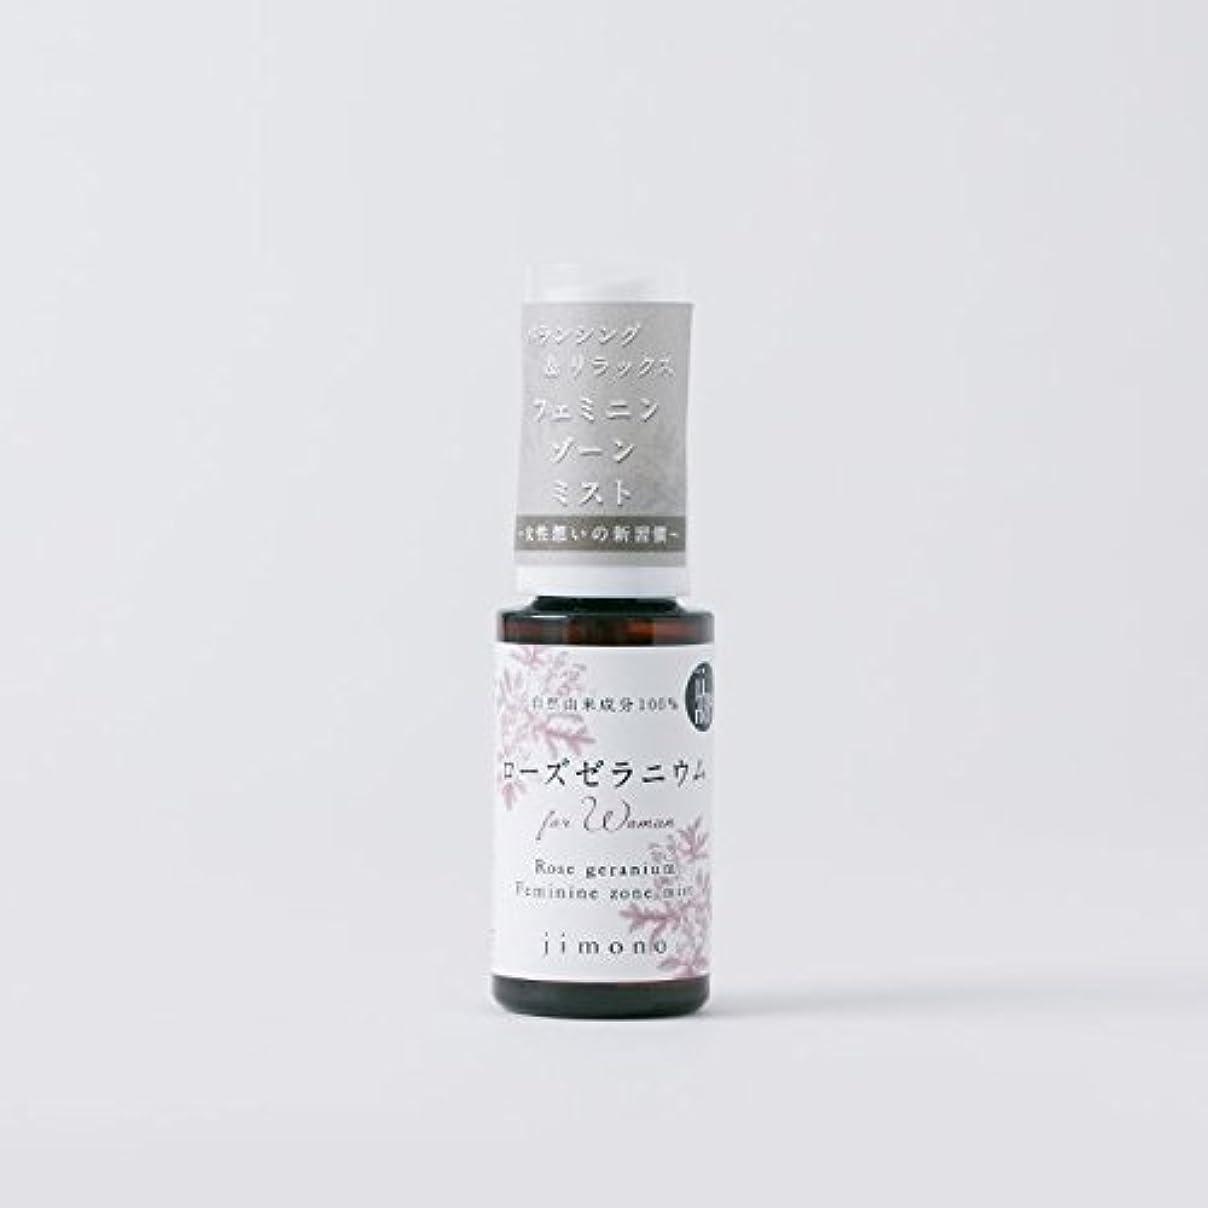 基礎不安連続的デリケートゾーン用石鹸for womanローズゼラニウムミスト